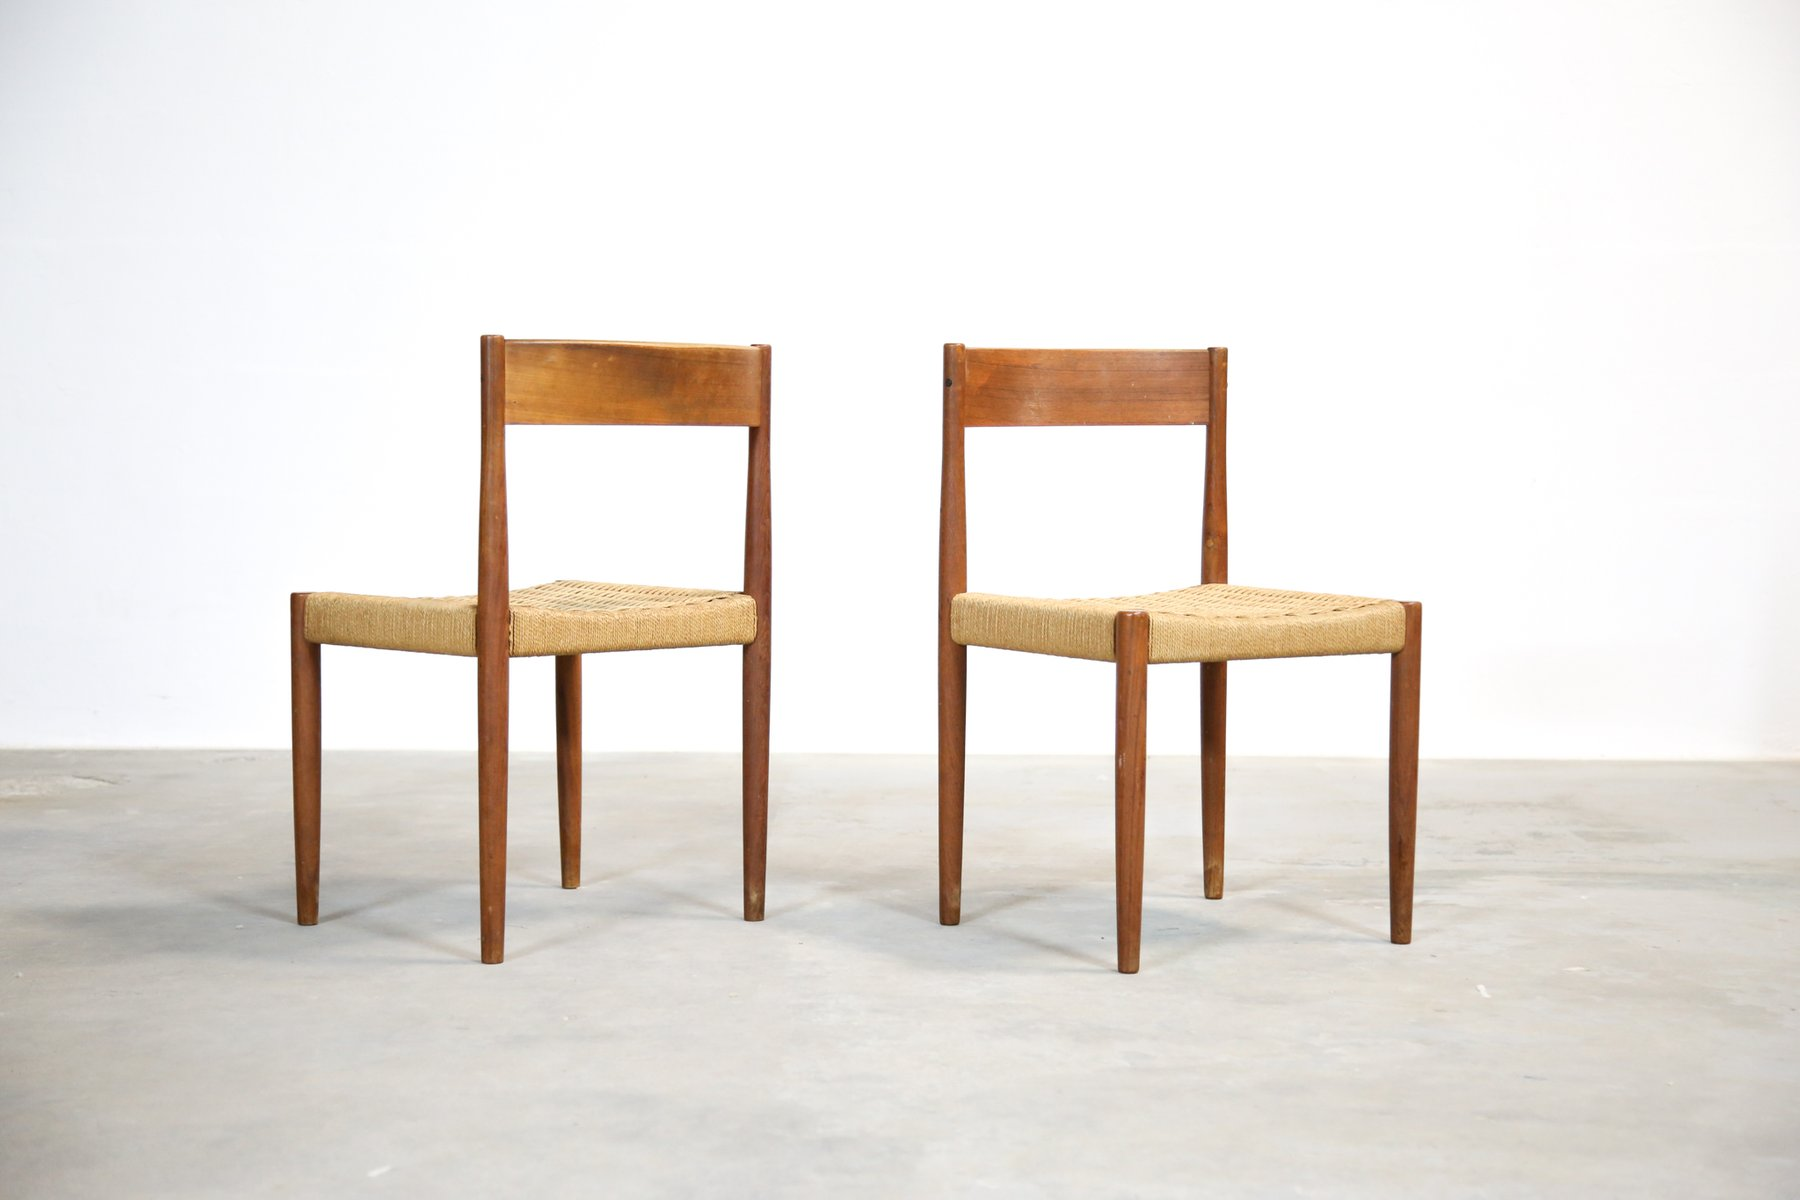 d nische teak st hle mit geflochtenen sitzen 1960er 2er set bei pamono kaufen. Black Bedroom Furniture Sets. Home Design Ideas